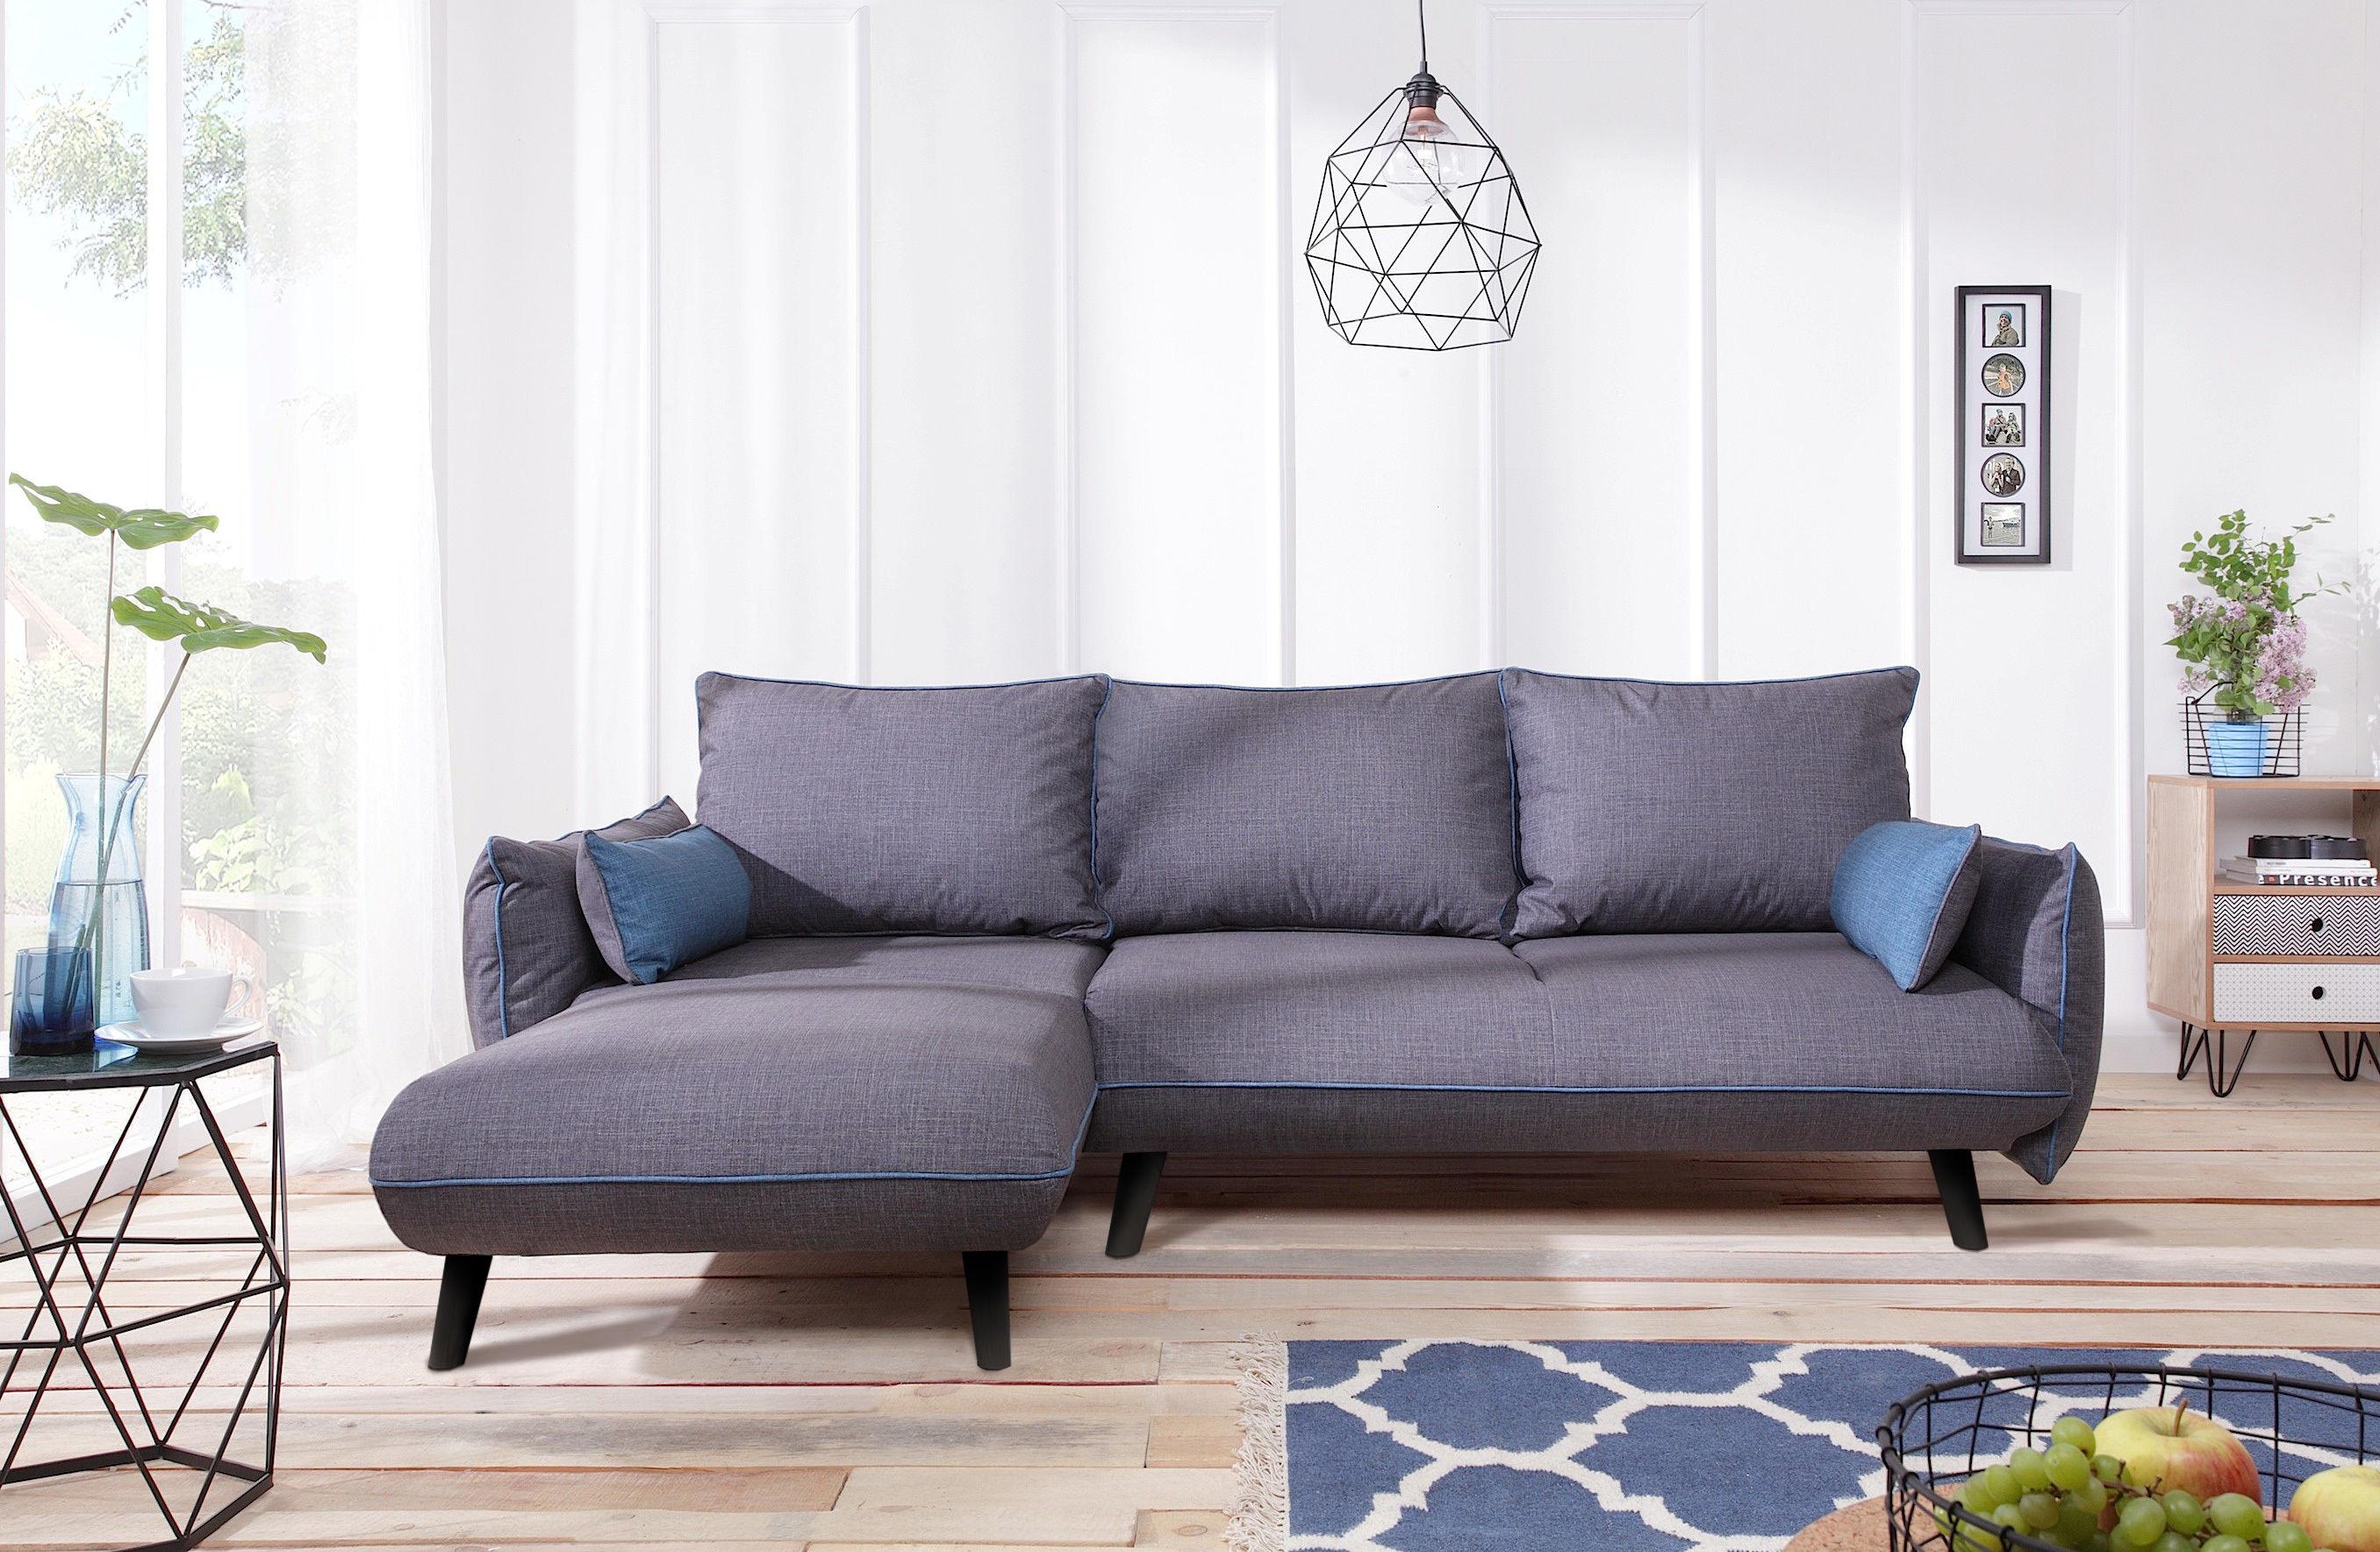 canap bobochic milano 4 places angle gauche gris fonc avec passpoil bleu 94cm x 88cm x. Black Bedroom Furniture Sets. Home Design Ideas